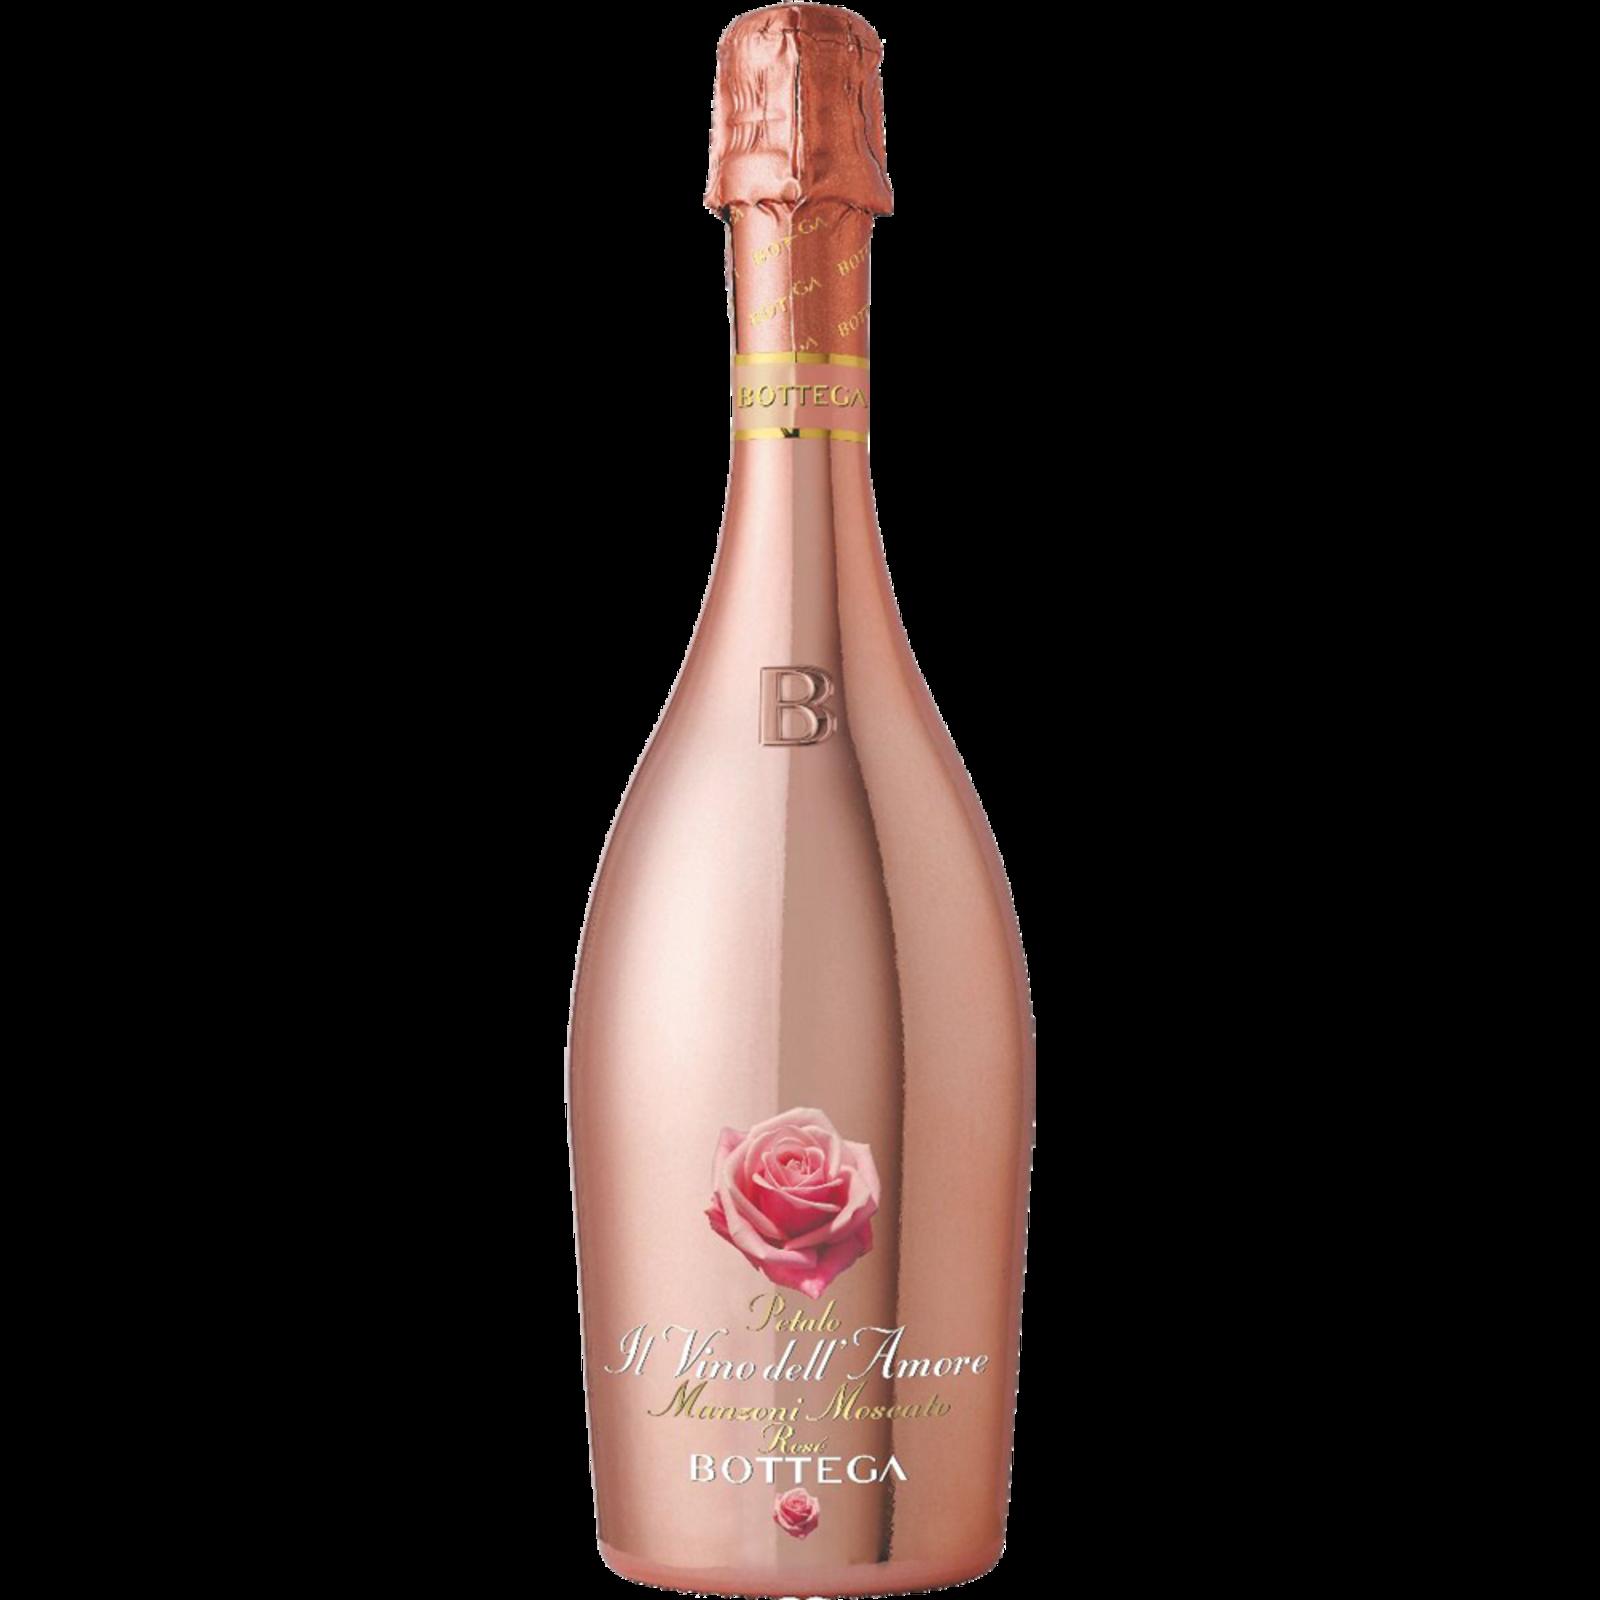 Bottega Il Vino dell' Amore Rosé Spumante